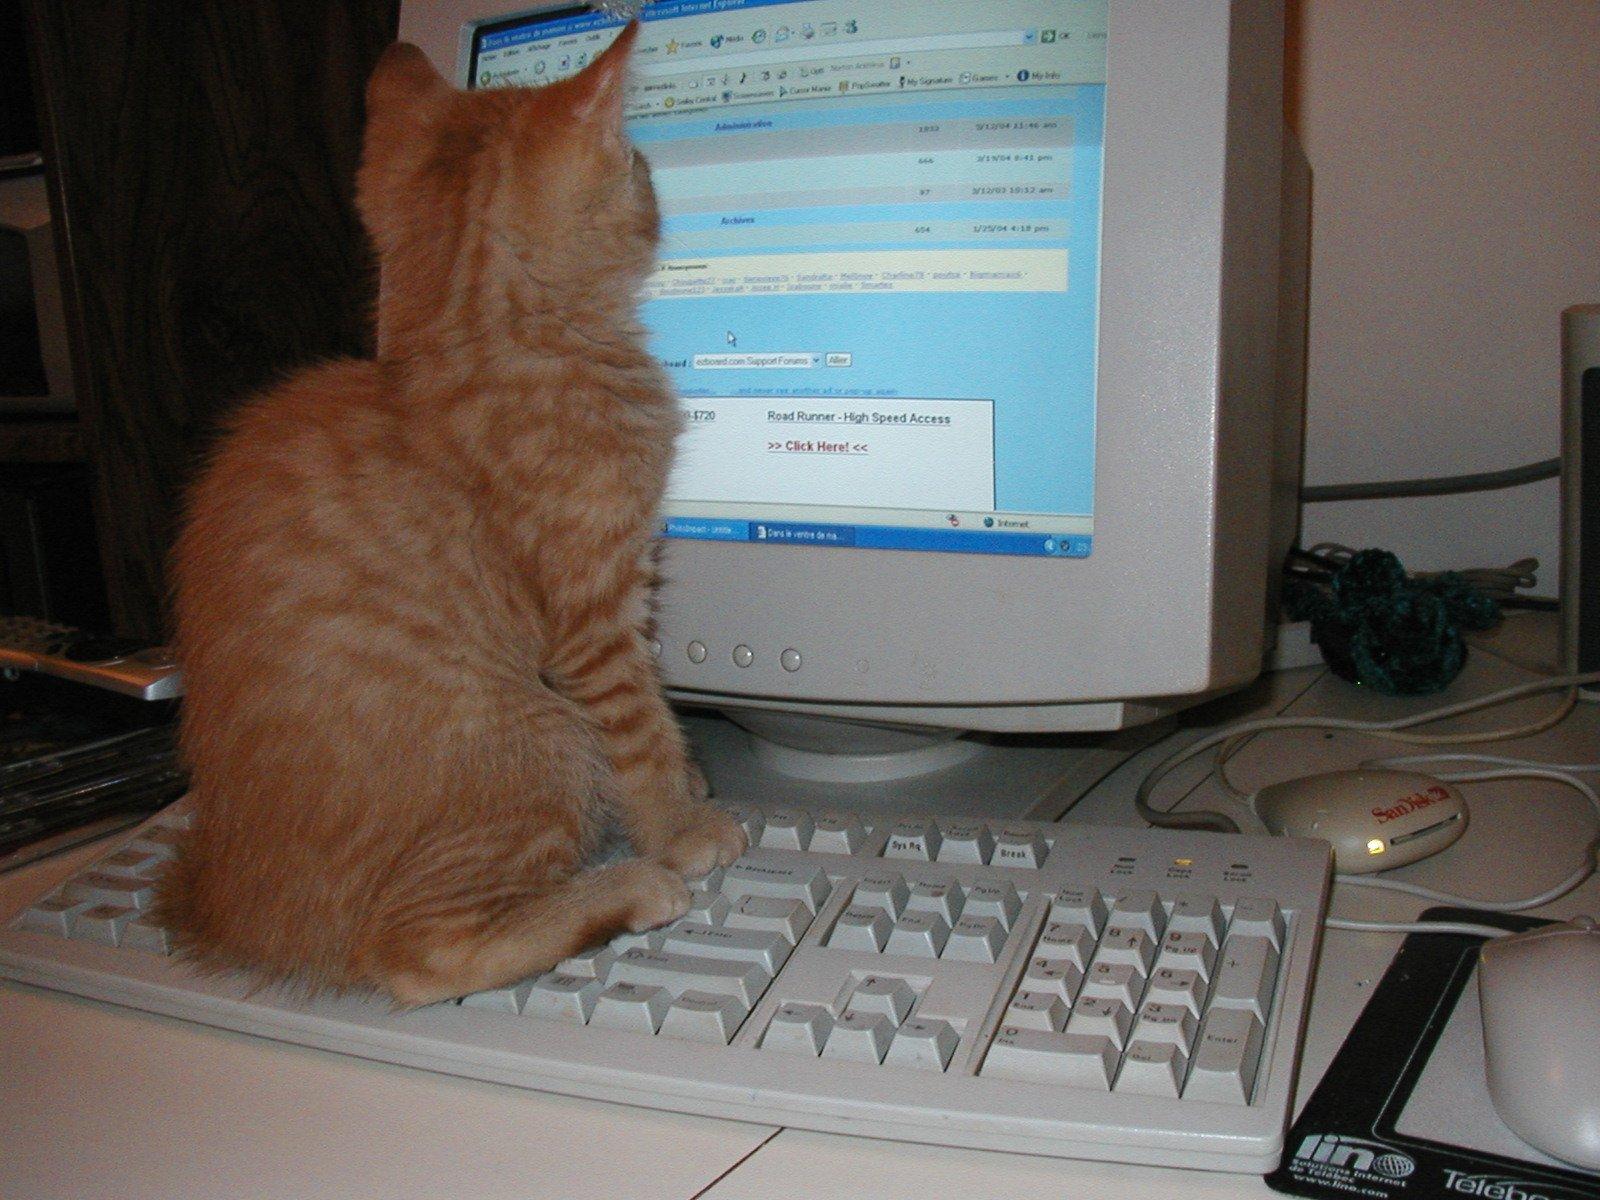 Cat at monitor